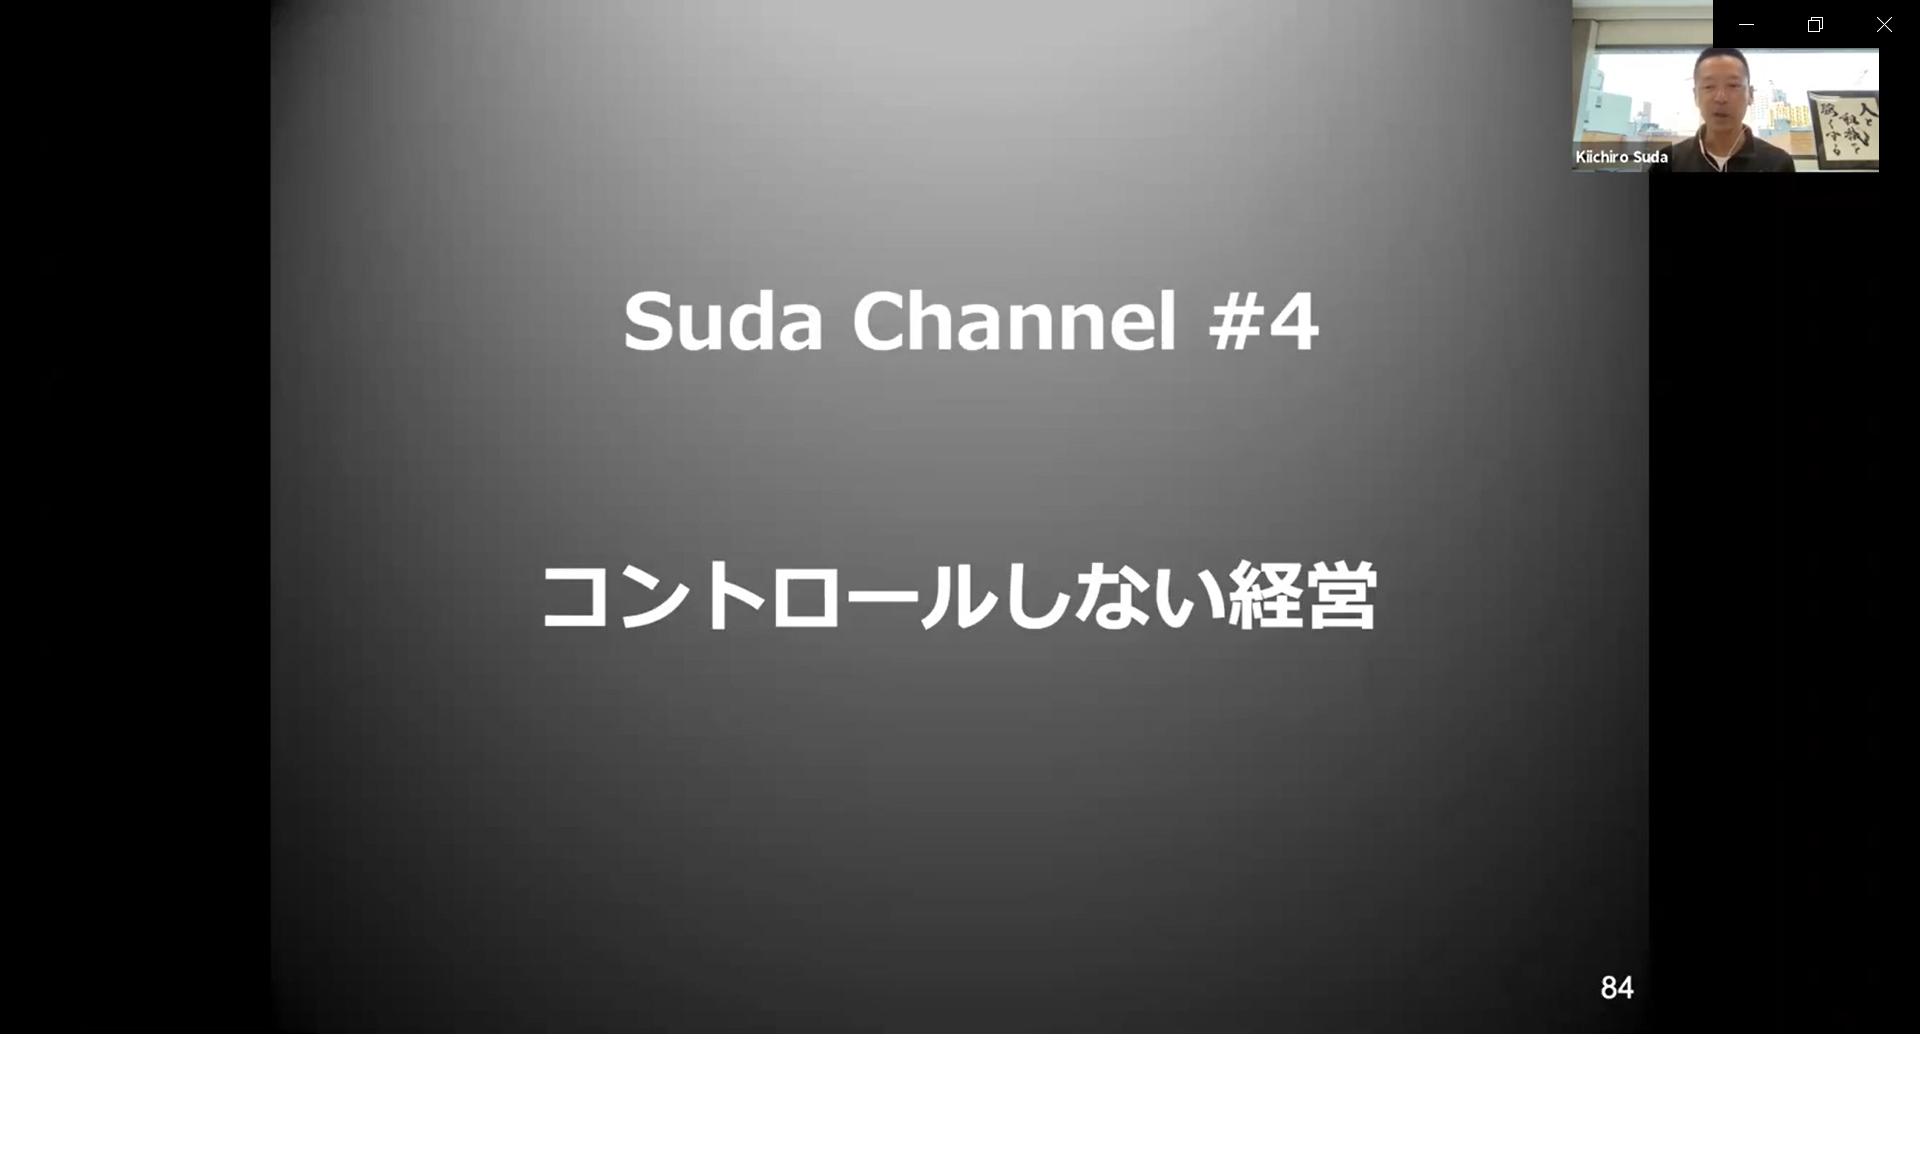 コントロールできないのであれば、コントロールしないと宣言すべきだ」と考えることにしました Suda Channelレポート「コントロールしない経営」